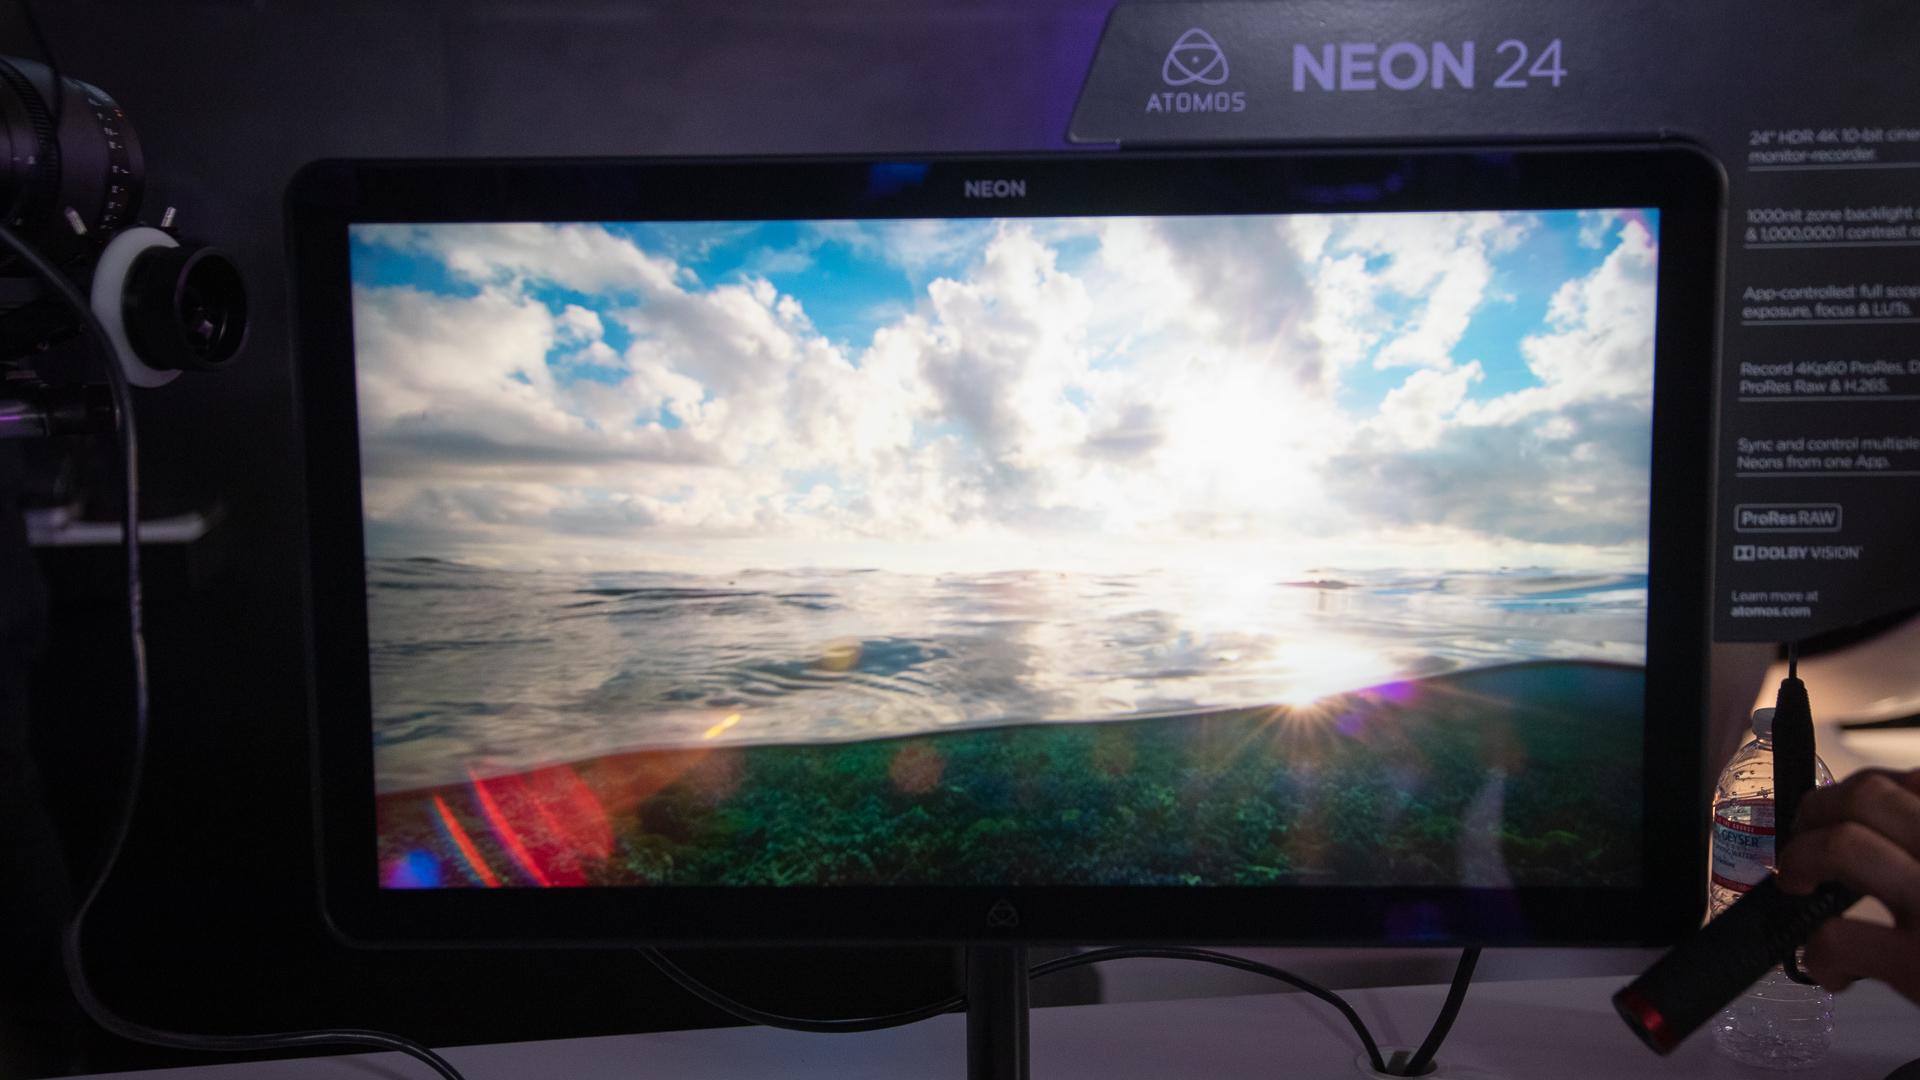 Monitores/Grabadores Atomos Neon - Entrevista con el CEO Jeromy Young